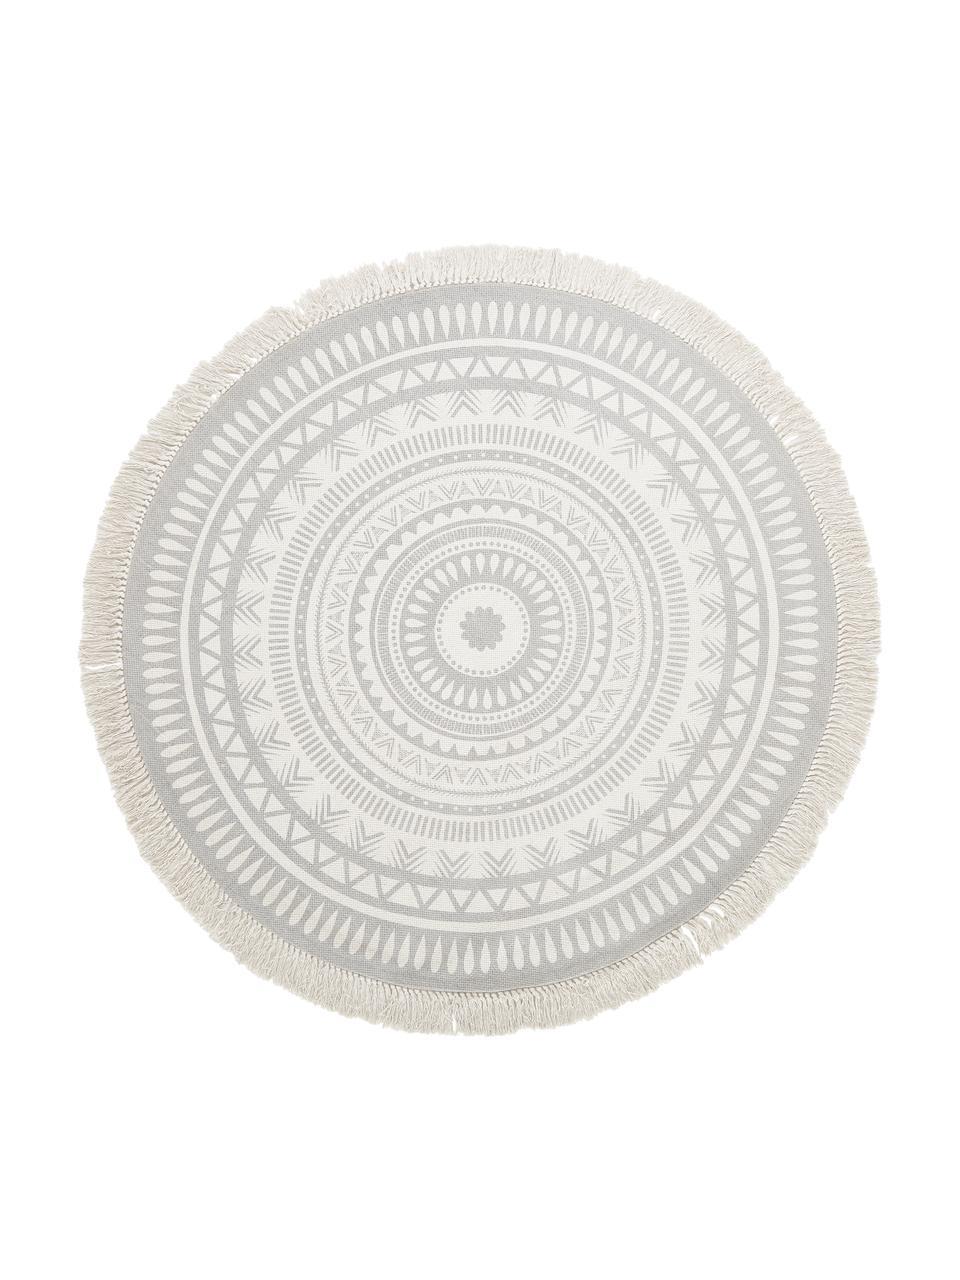 Runder Teppich Benji mit Fransen, flachgewebt, 100% Baumwolle, Hellgrau, Beige, Ø 150 cm (Größe M)